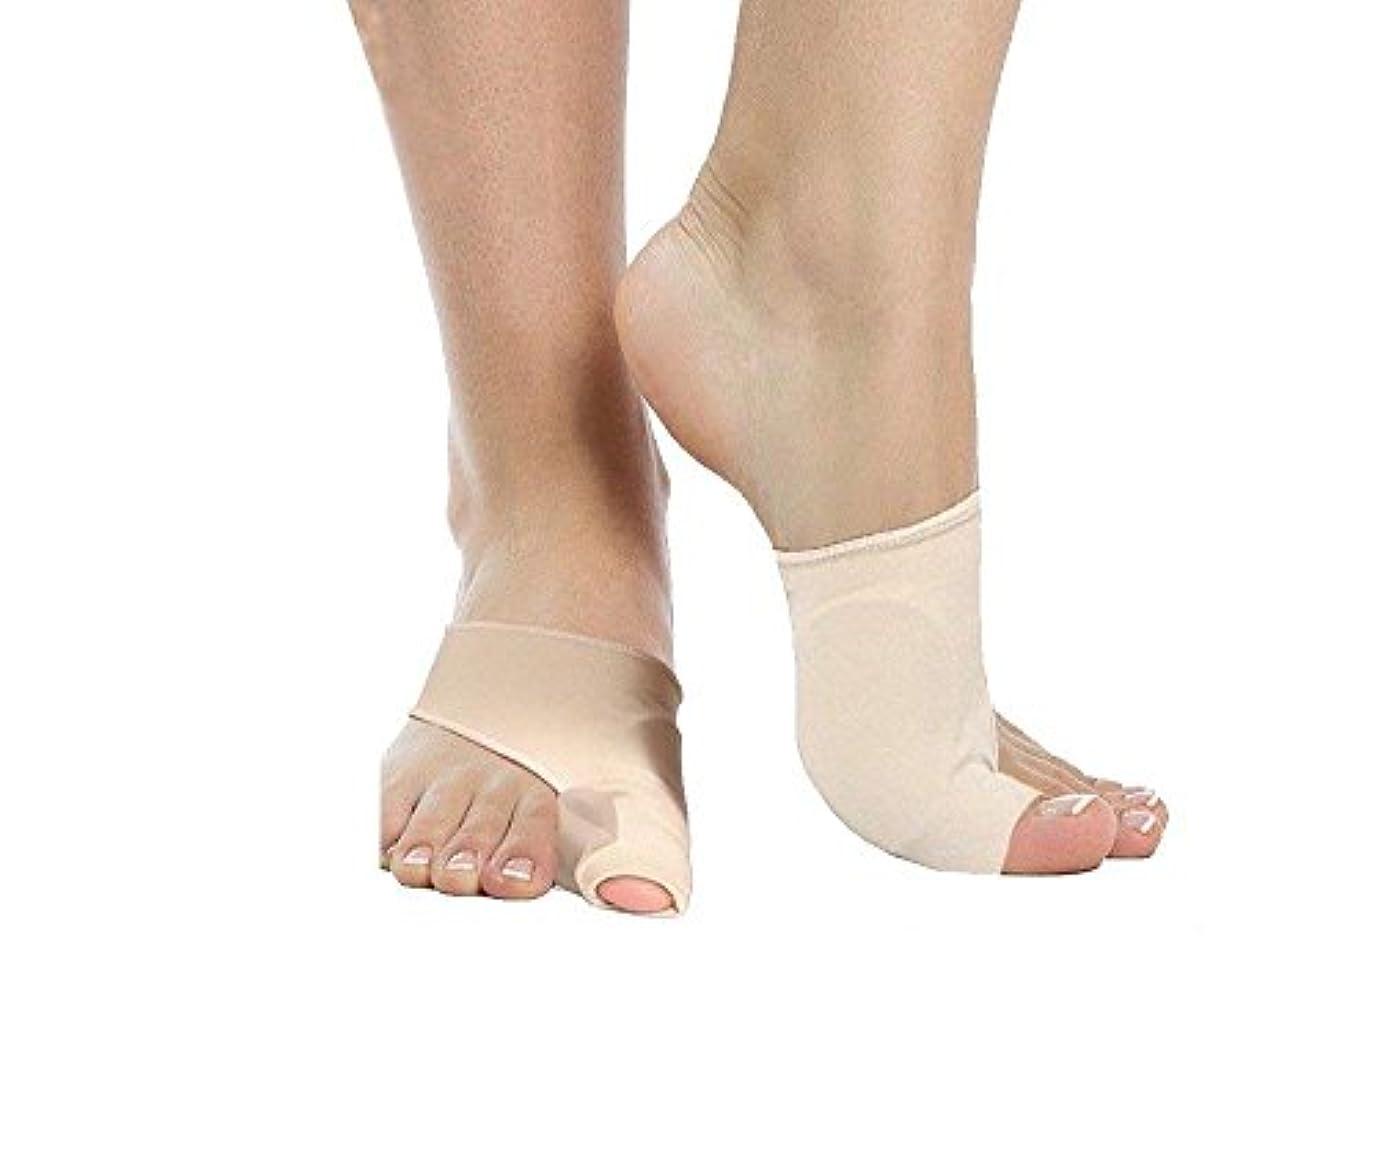 悪名高い誰のモンスター5組の腱膜矯正装置、つま先セパレータースペーサー矯正器で外反母趾の痛みを治療する、テイラーズバニオン、足の親指関節、添え字外科手術の治療